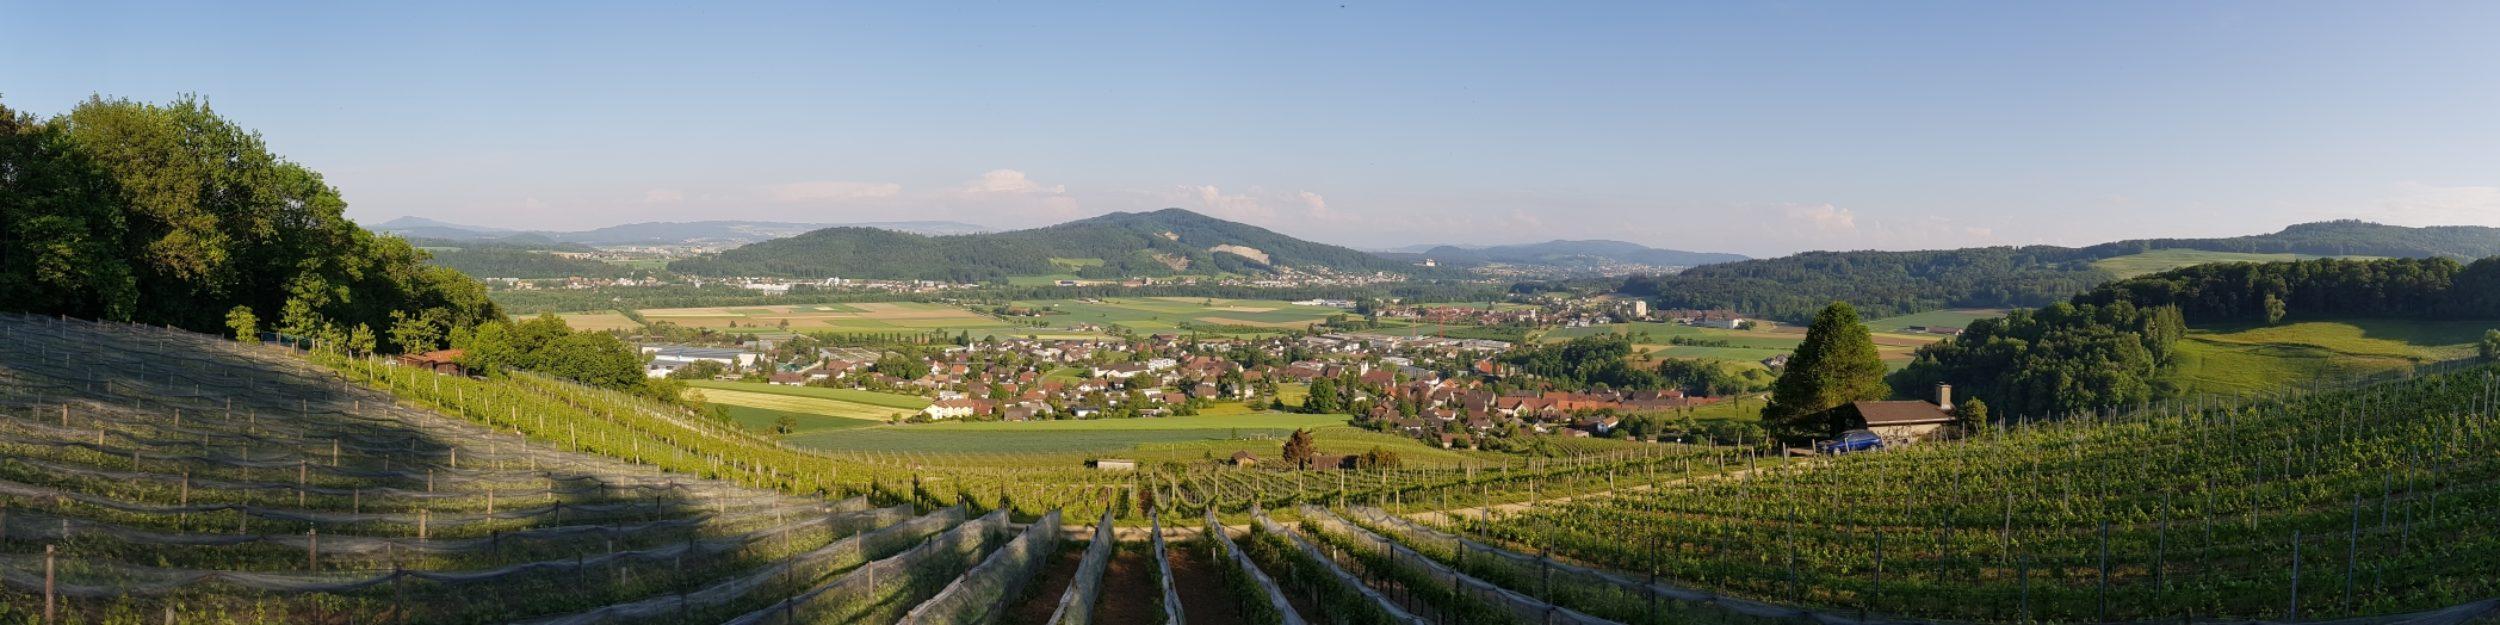 Räbhüsli-Fescht Schinznach-Dorf